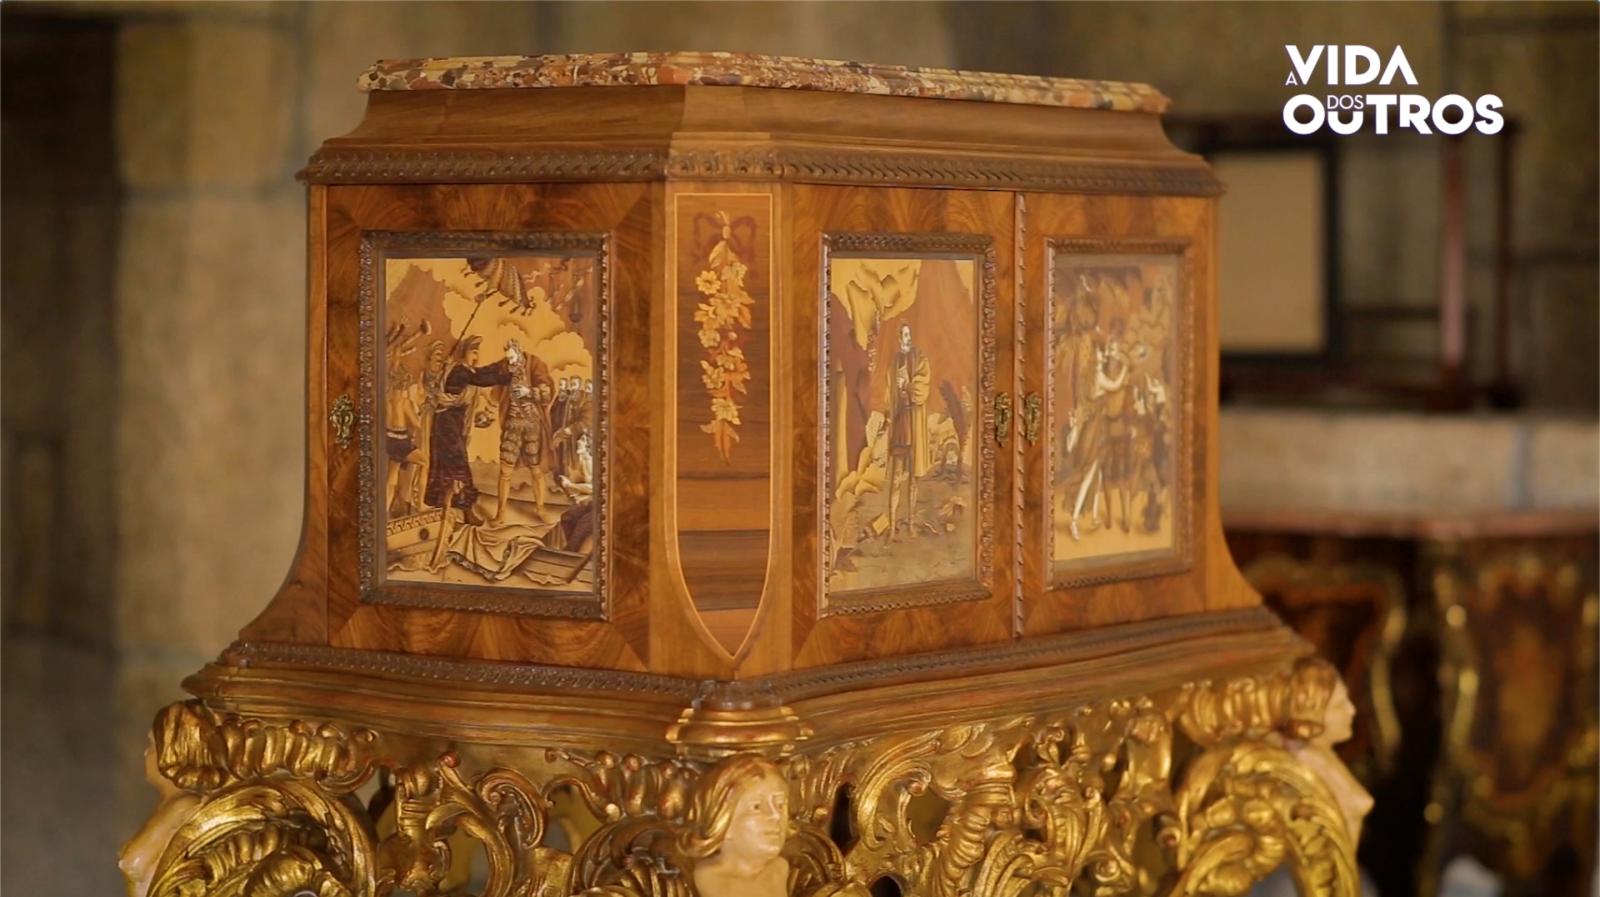 A Vida dos Outros | Coleção de móveis de embutidos da casa museu da Misericórdia de Alpedrinha